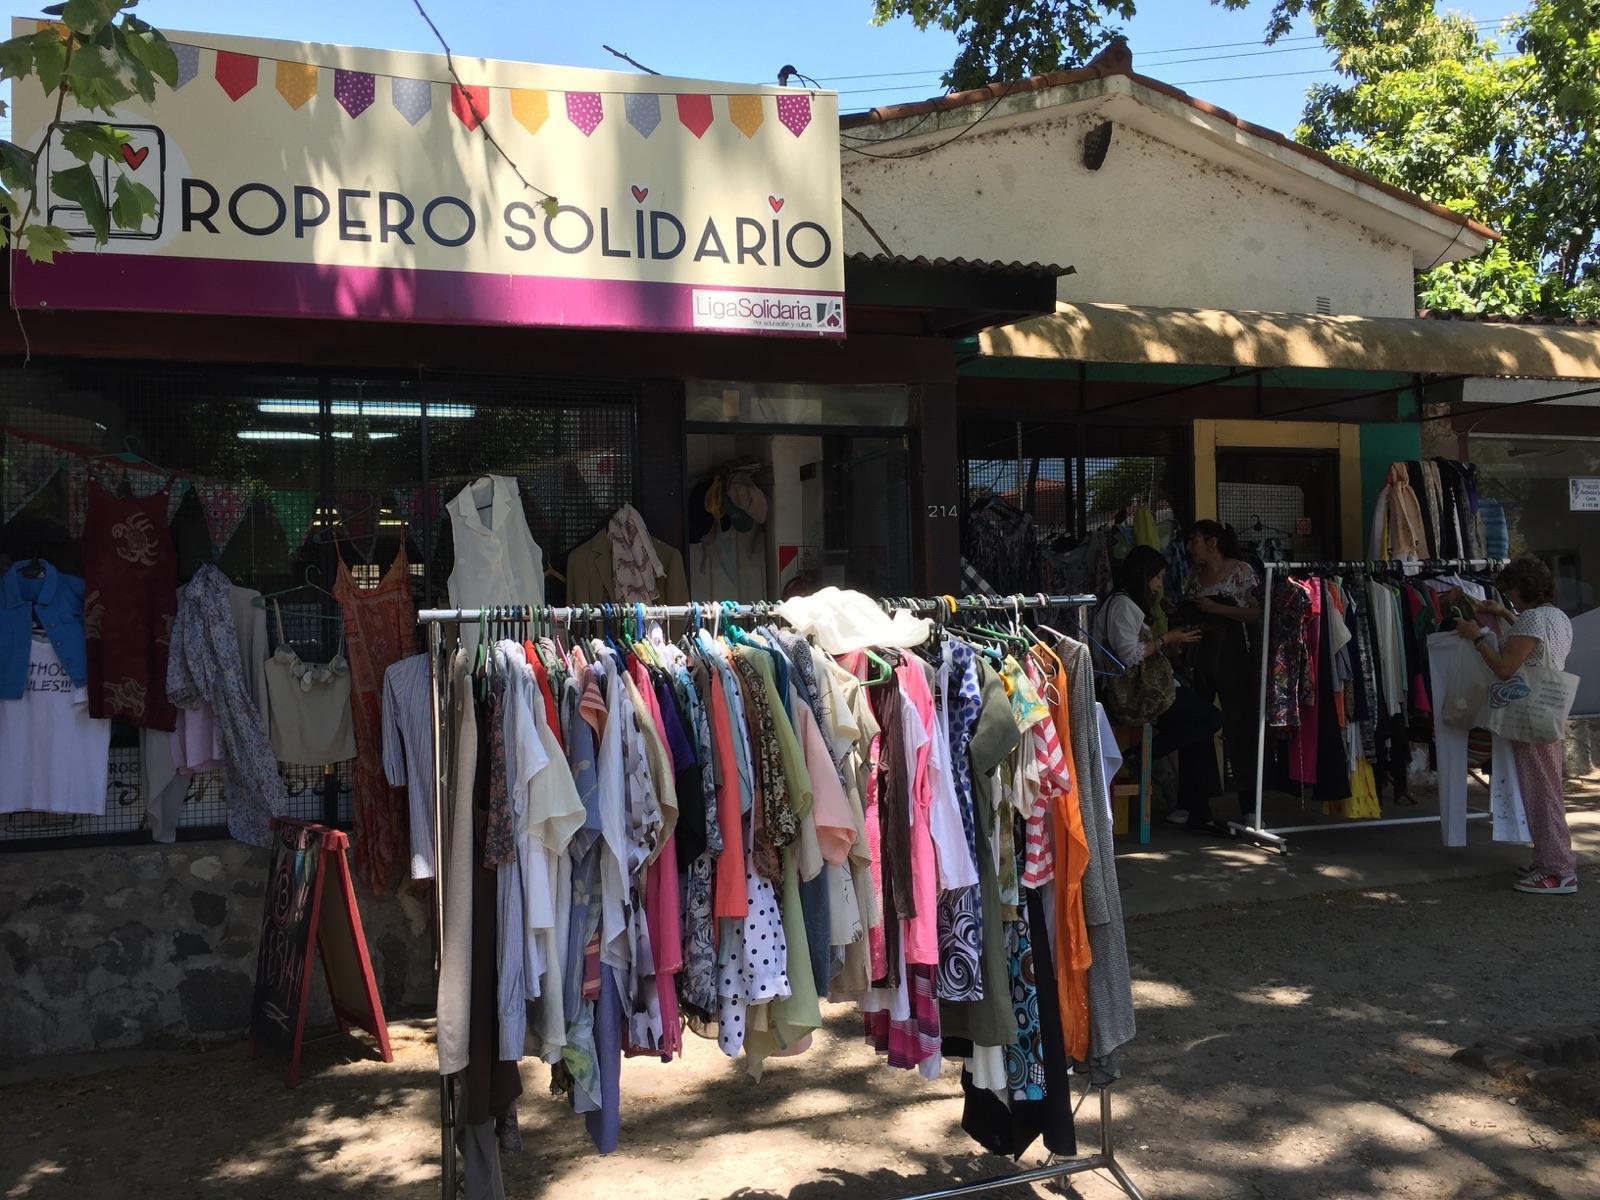 Ropero Solidario